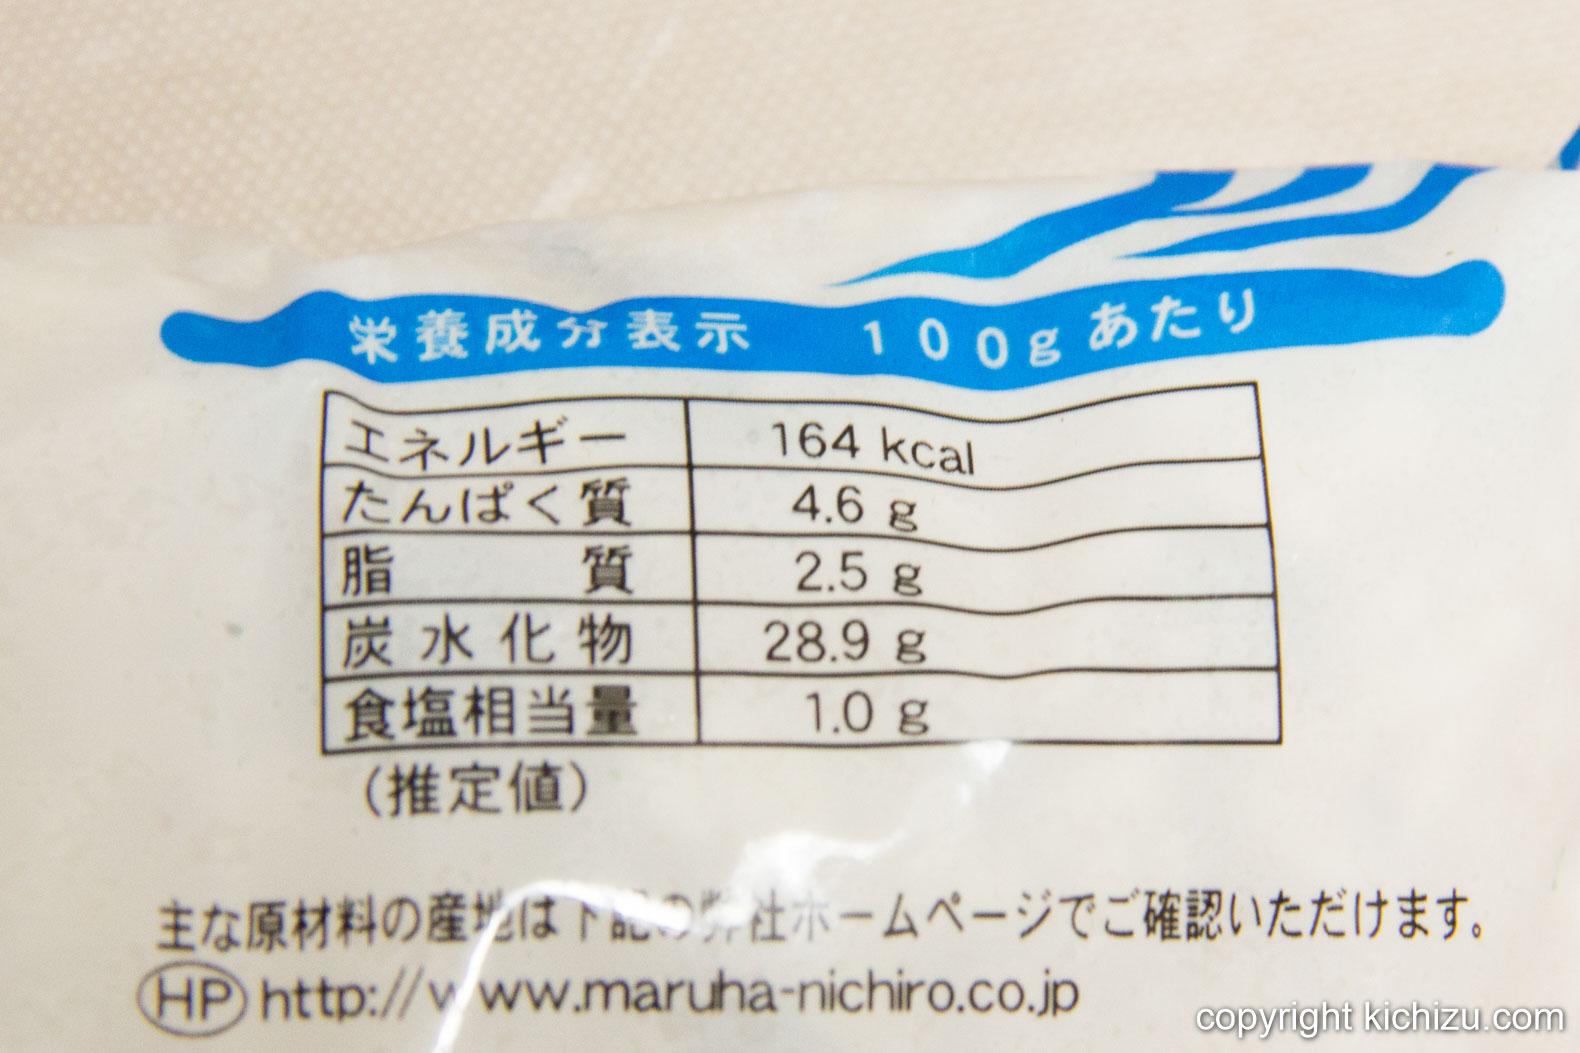 深川風 味あさりめしの栄養成分表示